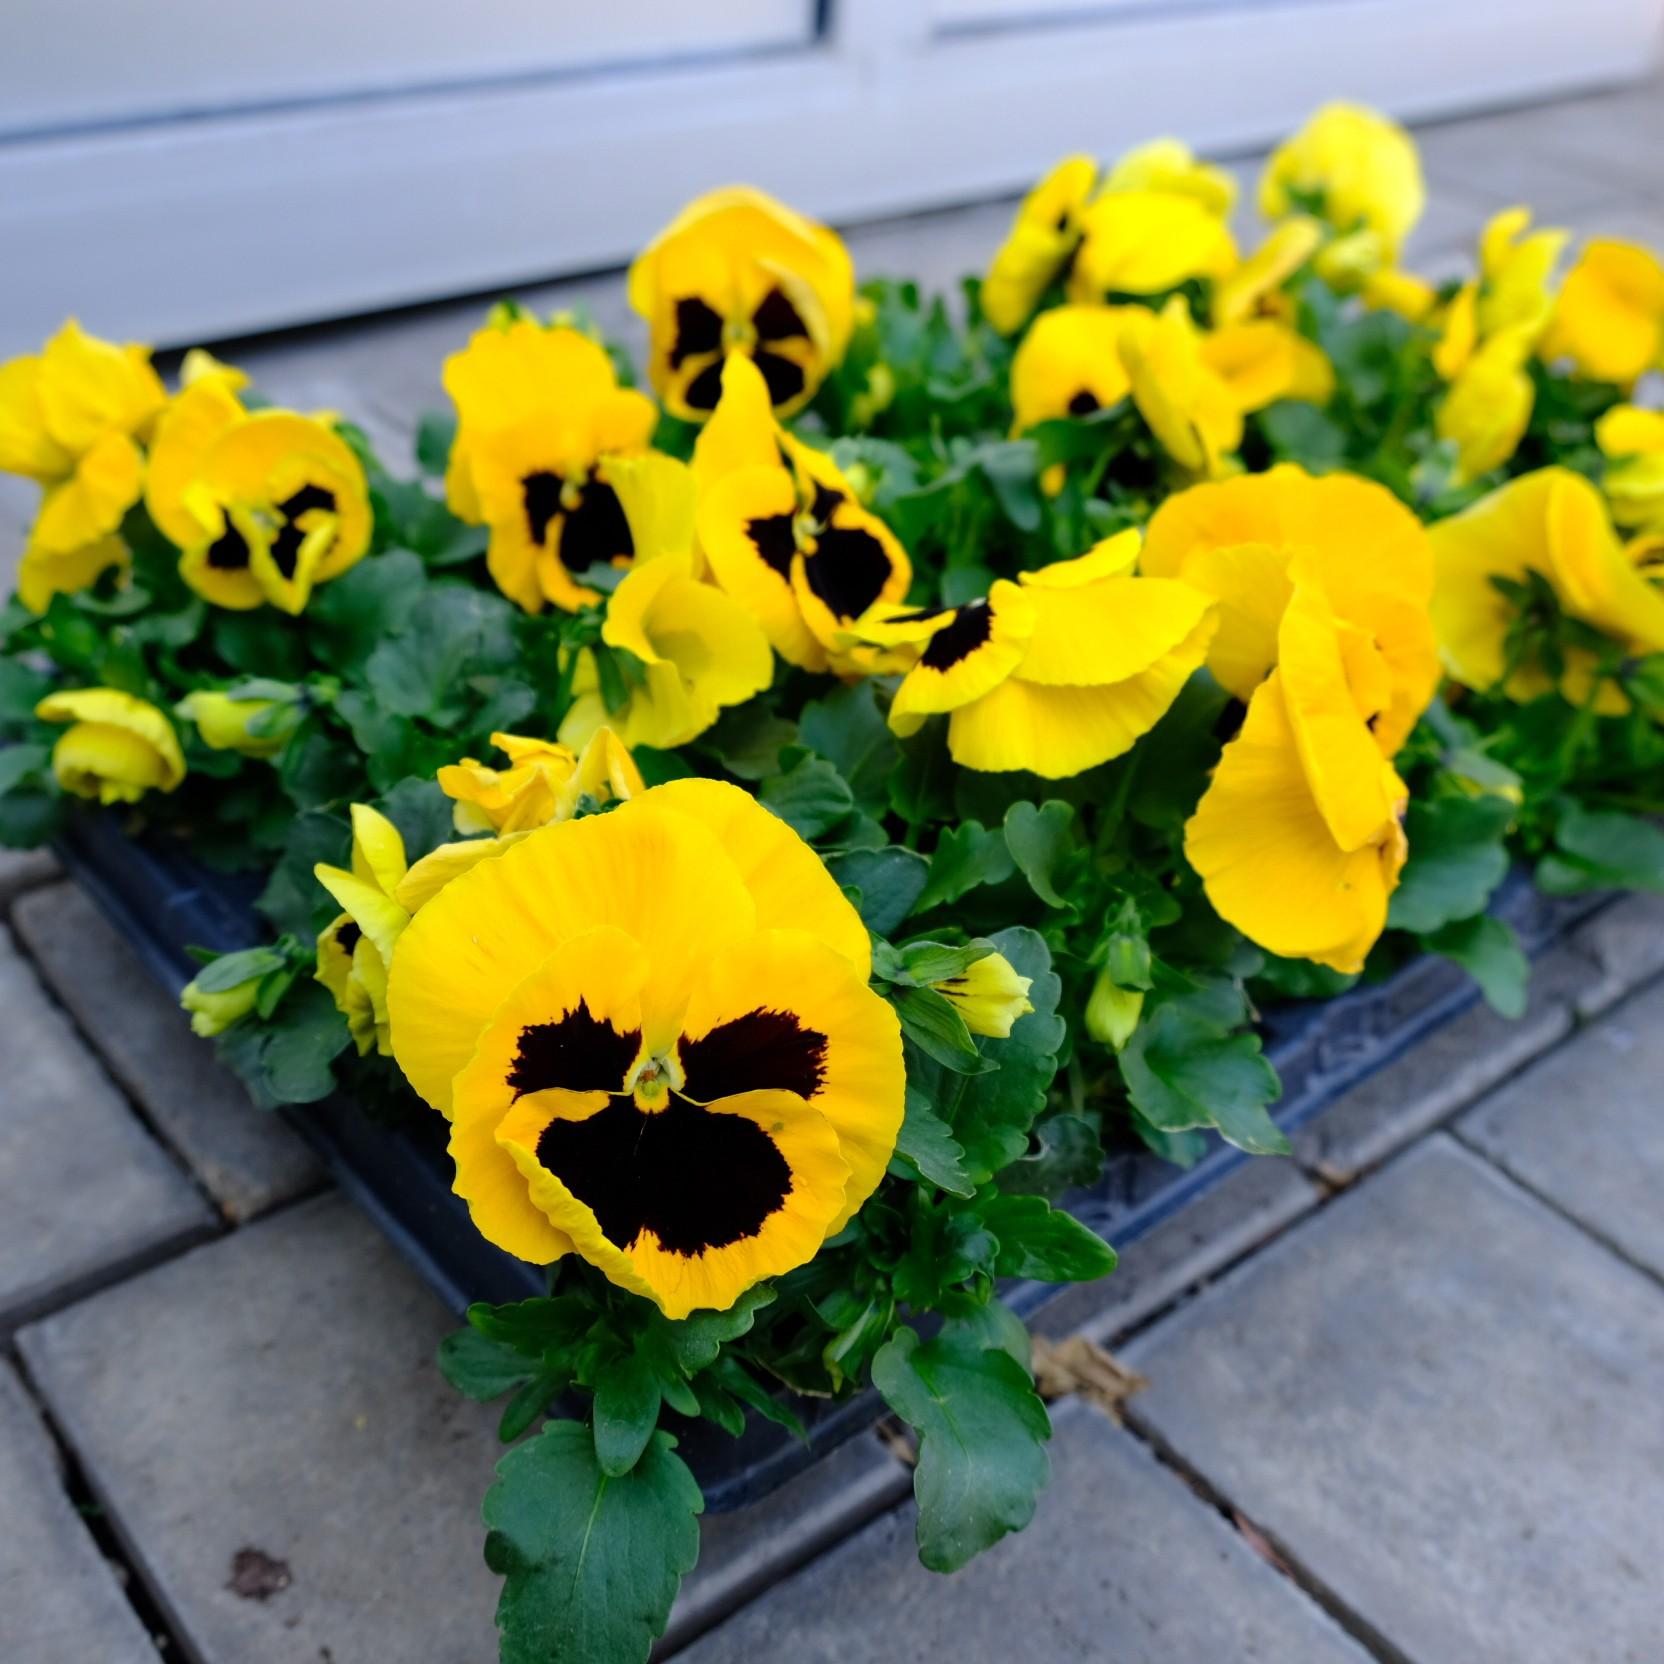 Stiefmütterchen mit großer Blüte Bild 1